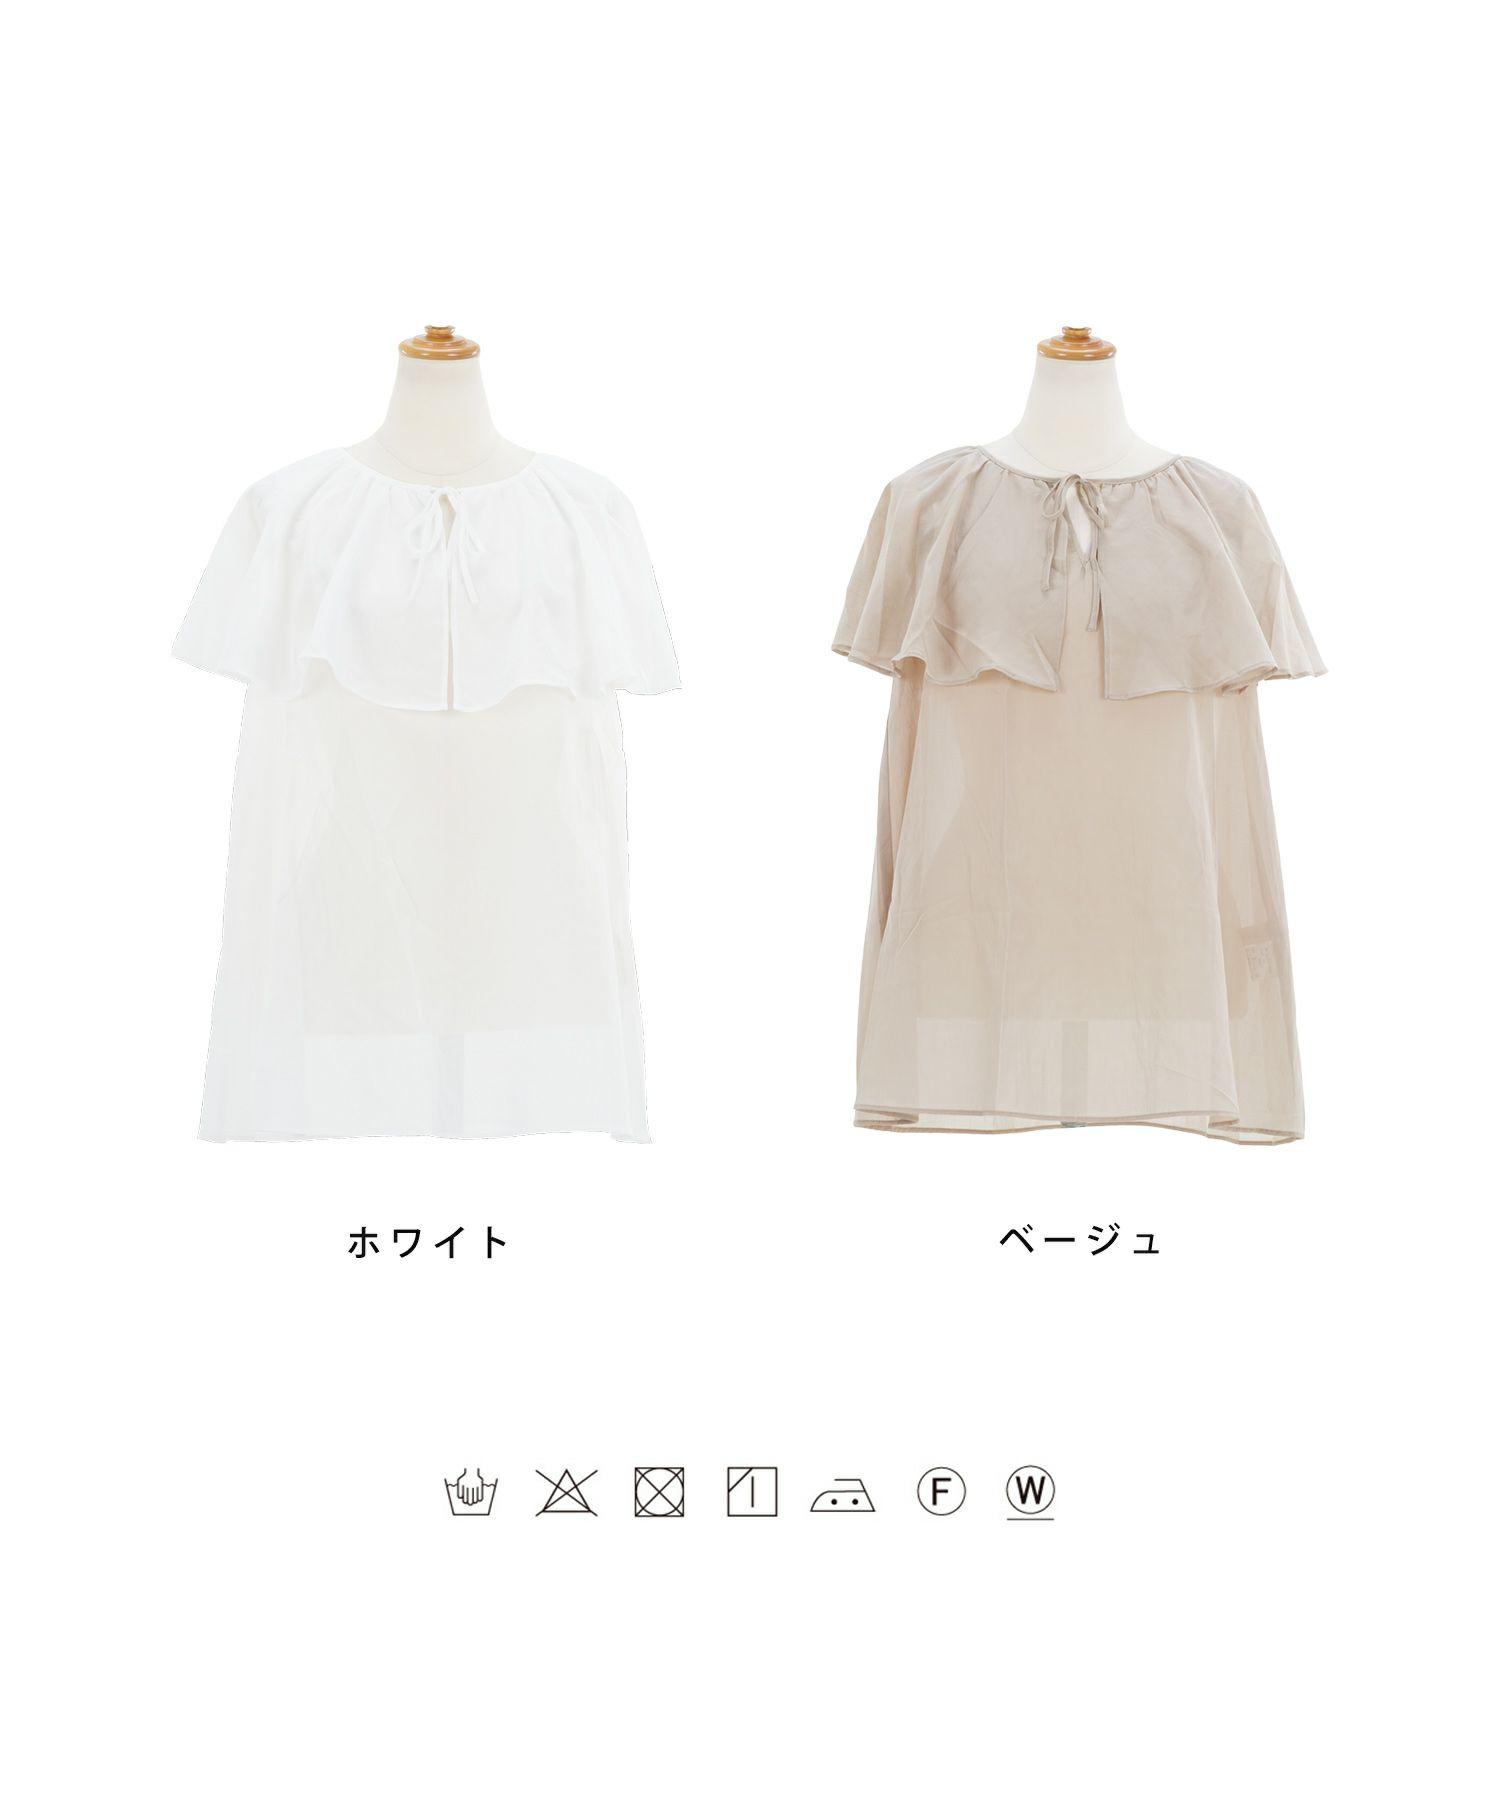 手洗い可/日本製/襟/体型カバー/ケープ/ホワイト/ベージュ/チュニック/チュニック丈/リボン/大きめ襟/襟付き/ビッグフリル/長め